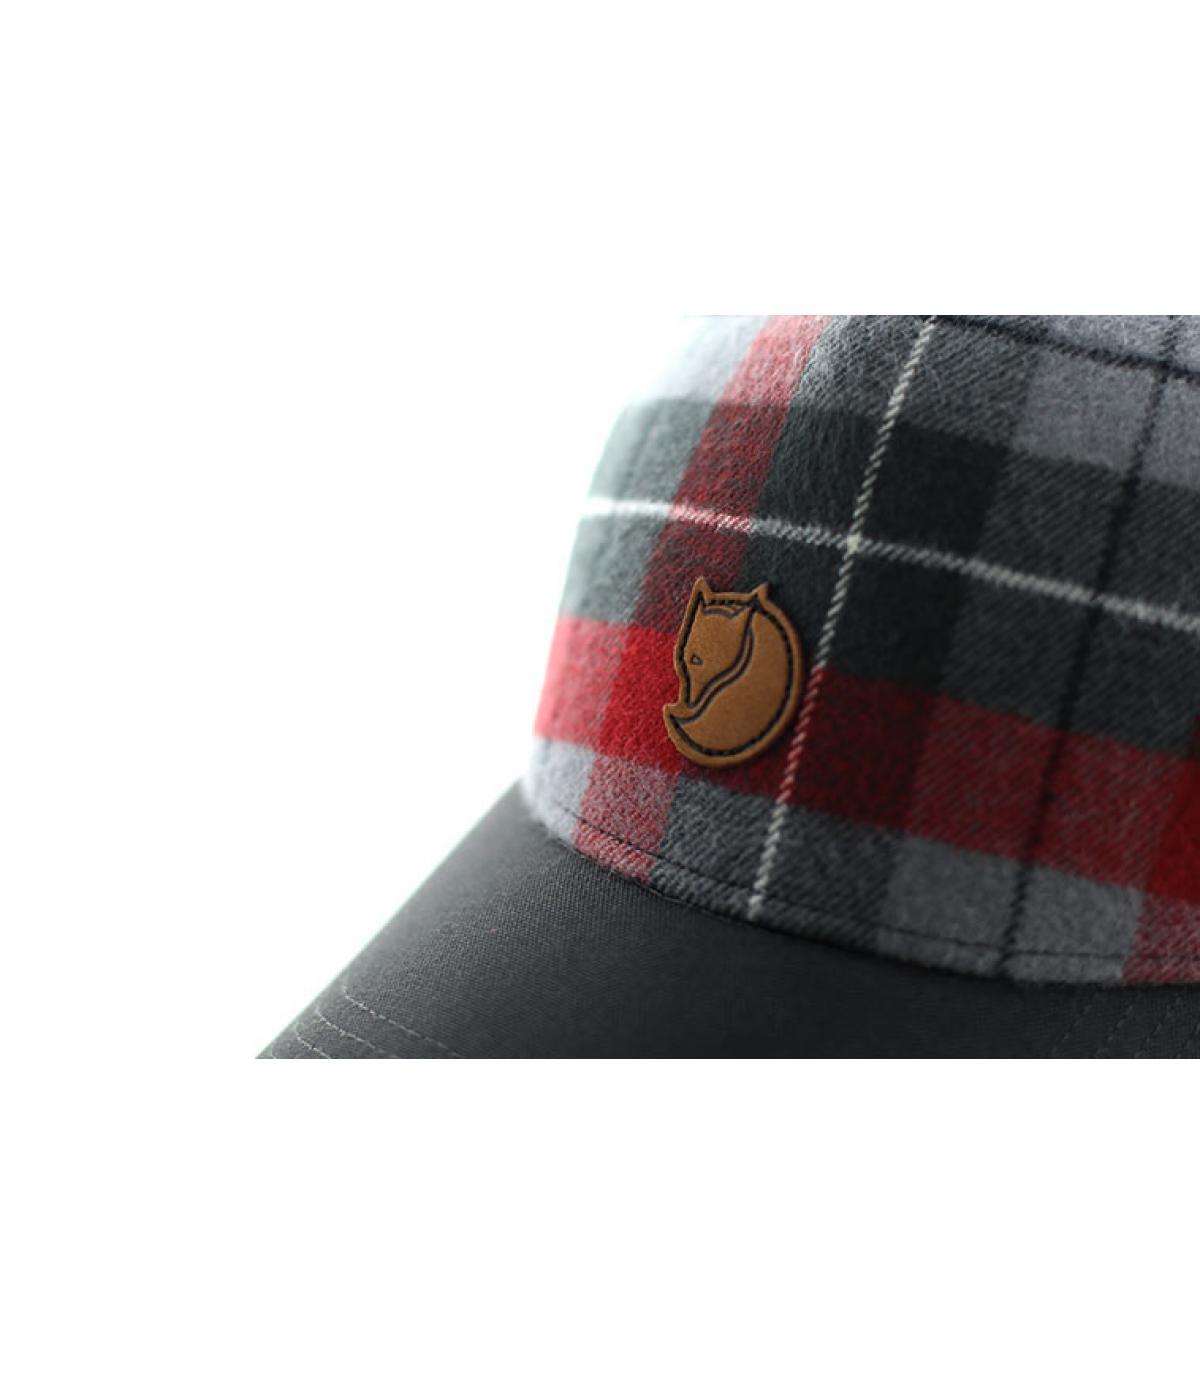 Détails Ovik plaid cap dark grey - image 3